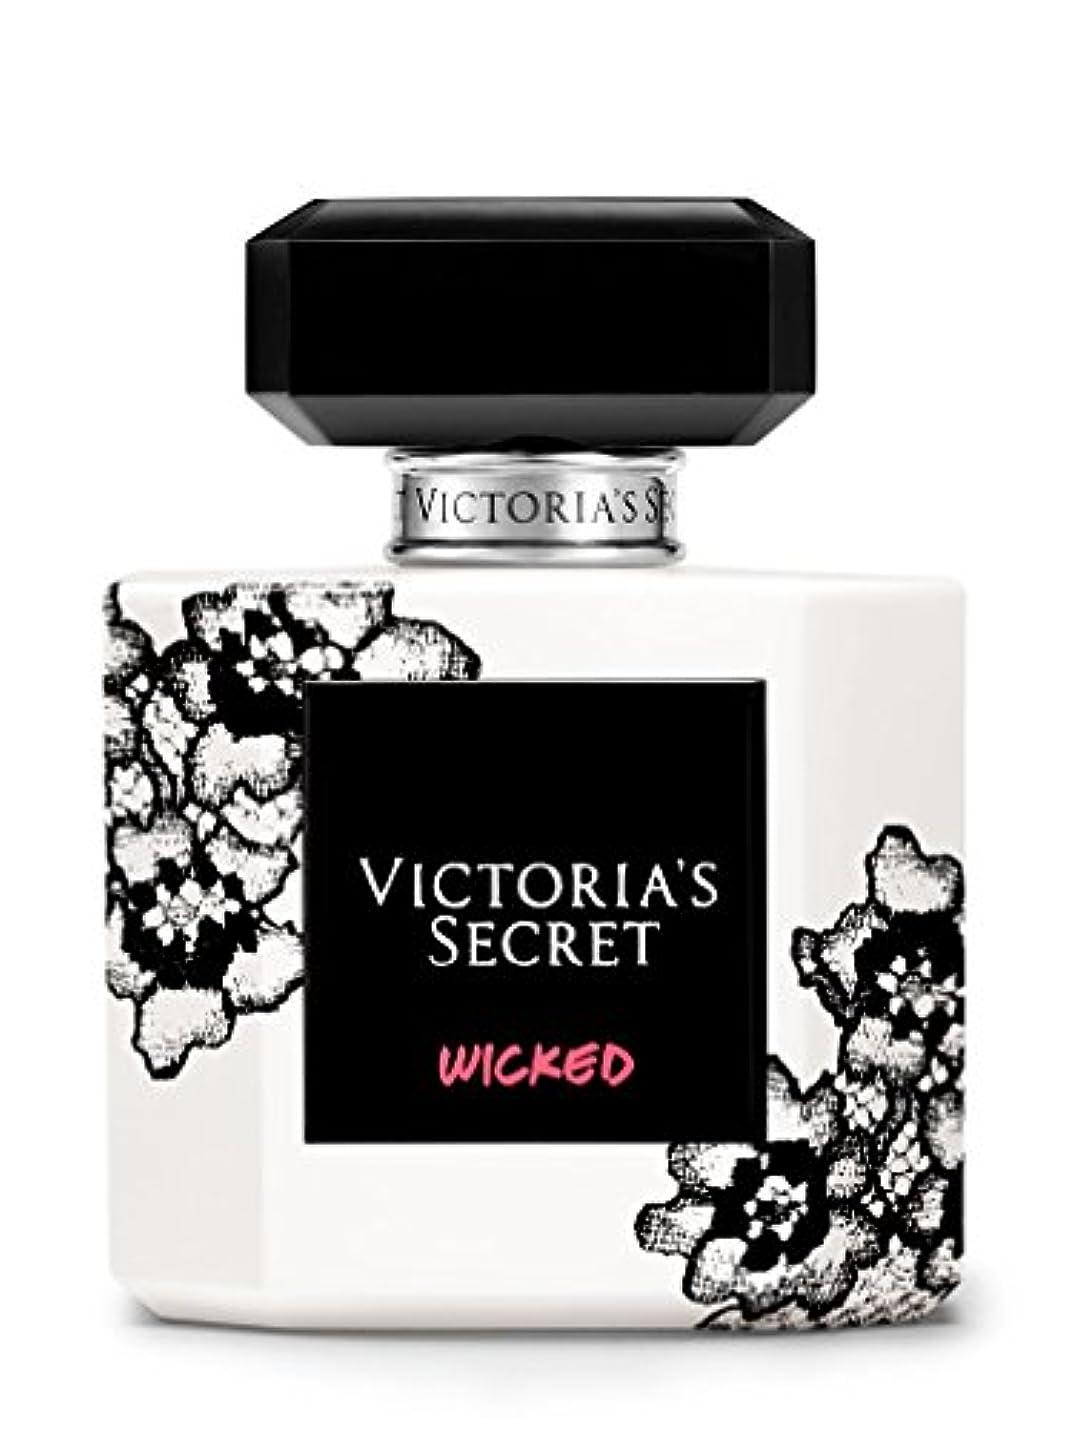 くちばし類推失Victoria's Secret Wicked (ビクトリア シークレット ウイックト) 3.4 oz (100ml) EDP Spray for Women